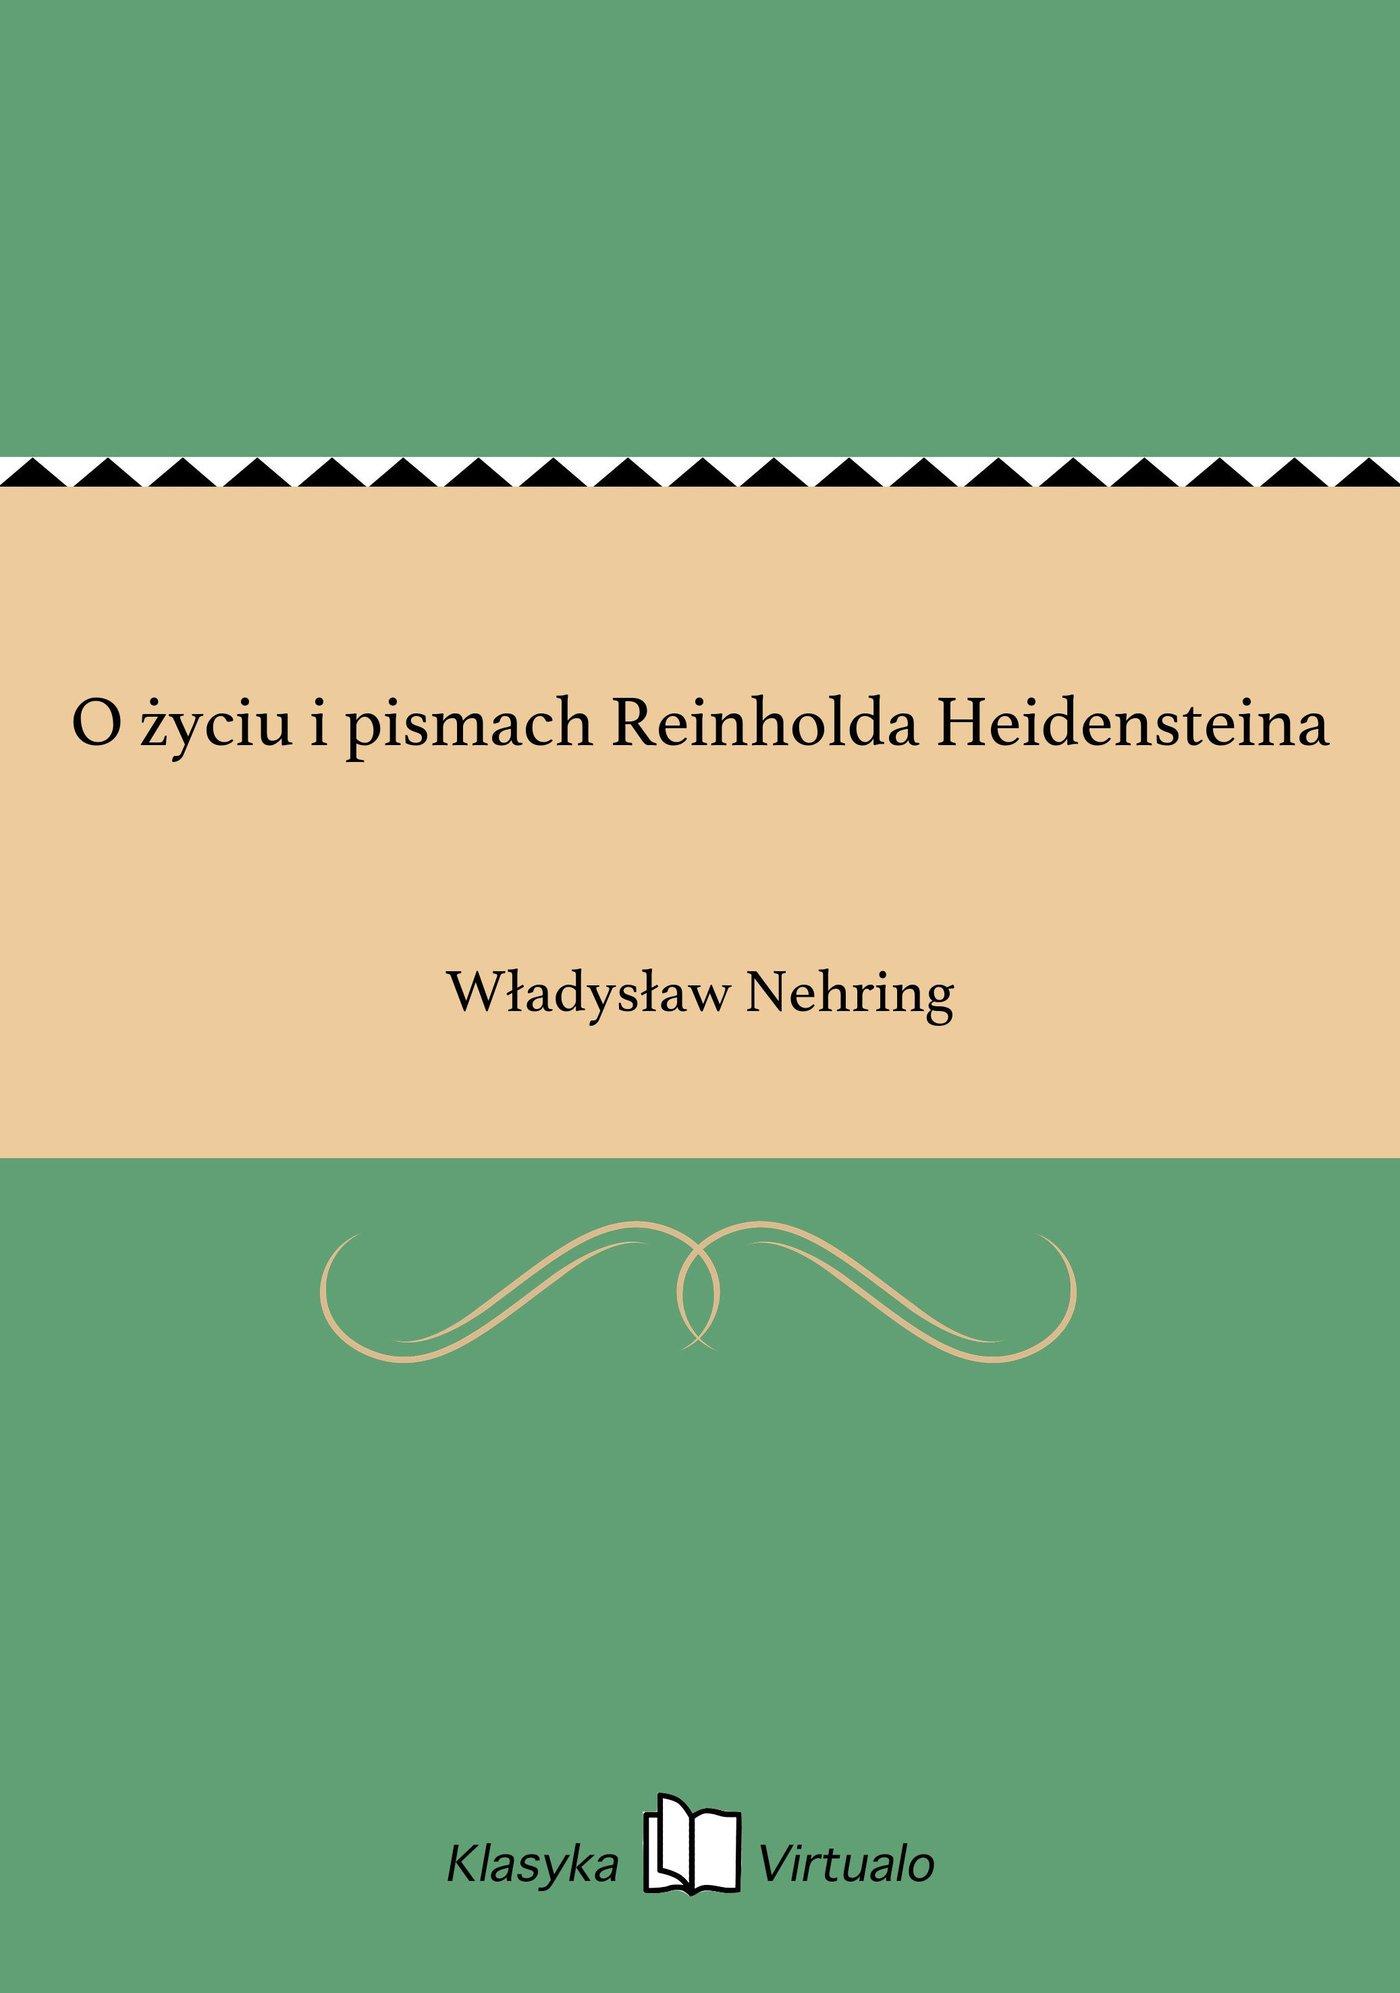 O życiu i pismach Reinholda Heidensteina - Ebook (Książka EPUB) do pobrania w formacie EPUB